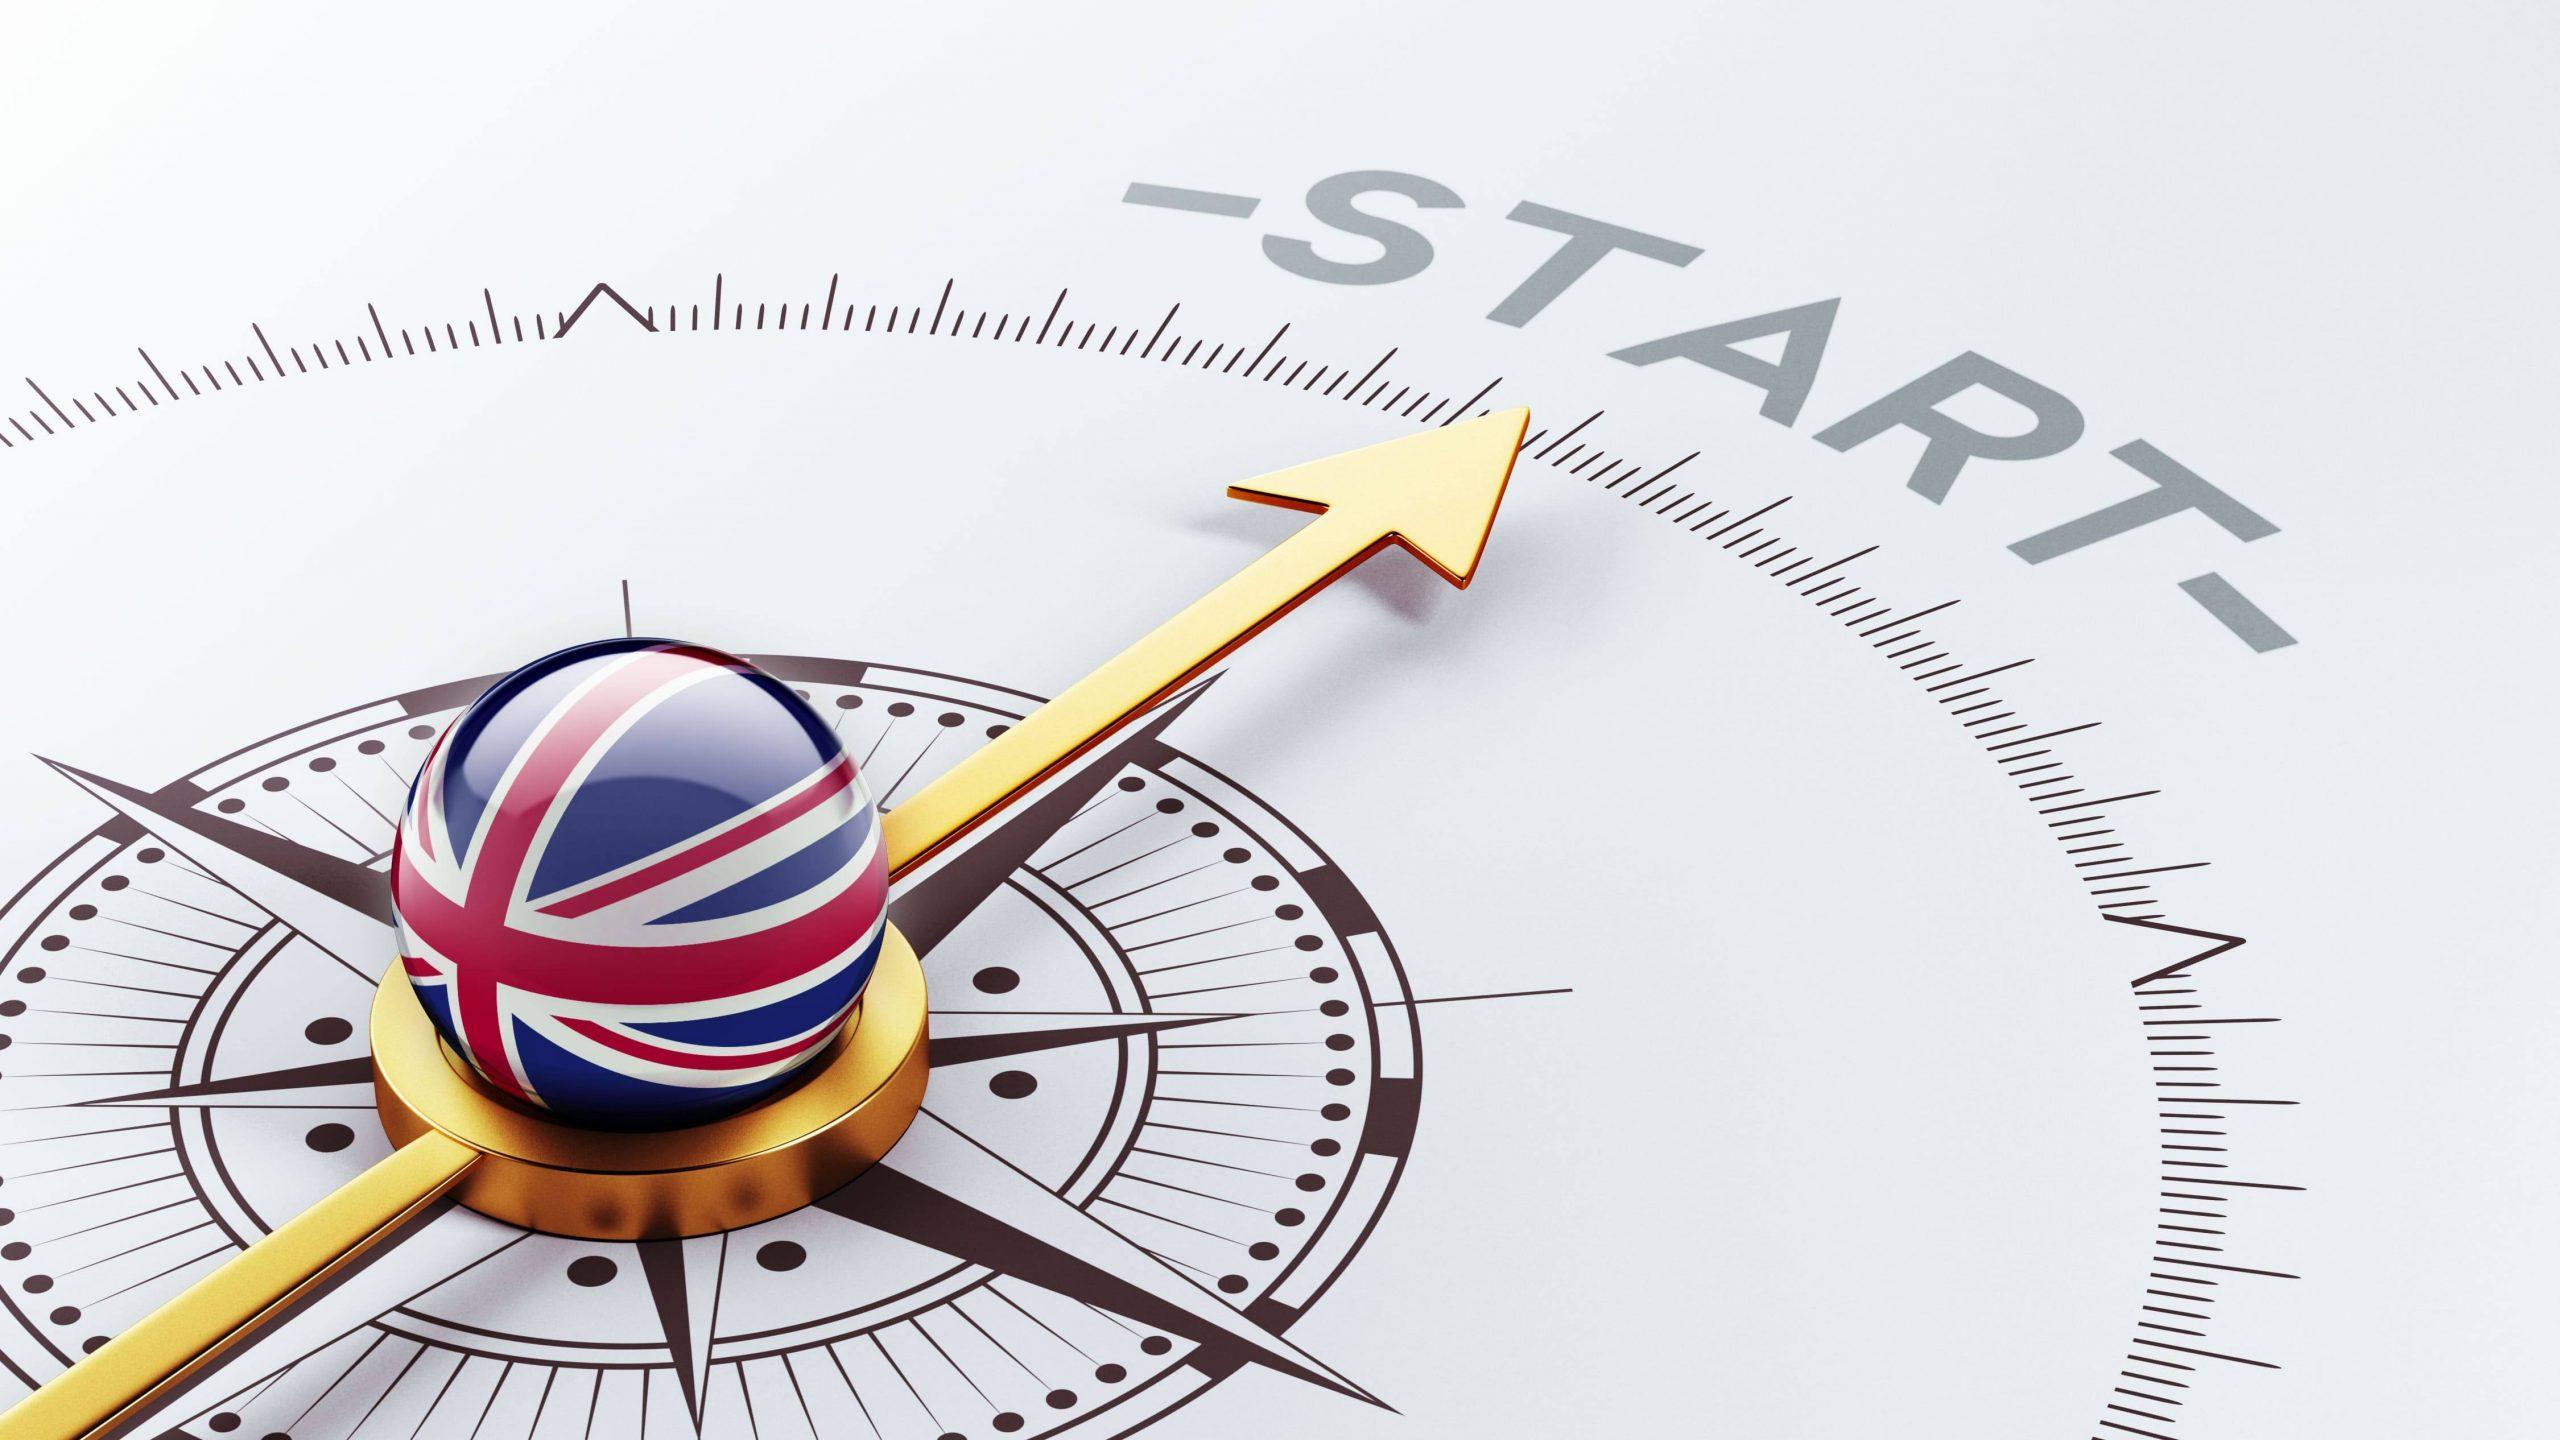 راه اندازی کسب و کار در انگلستان